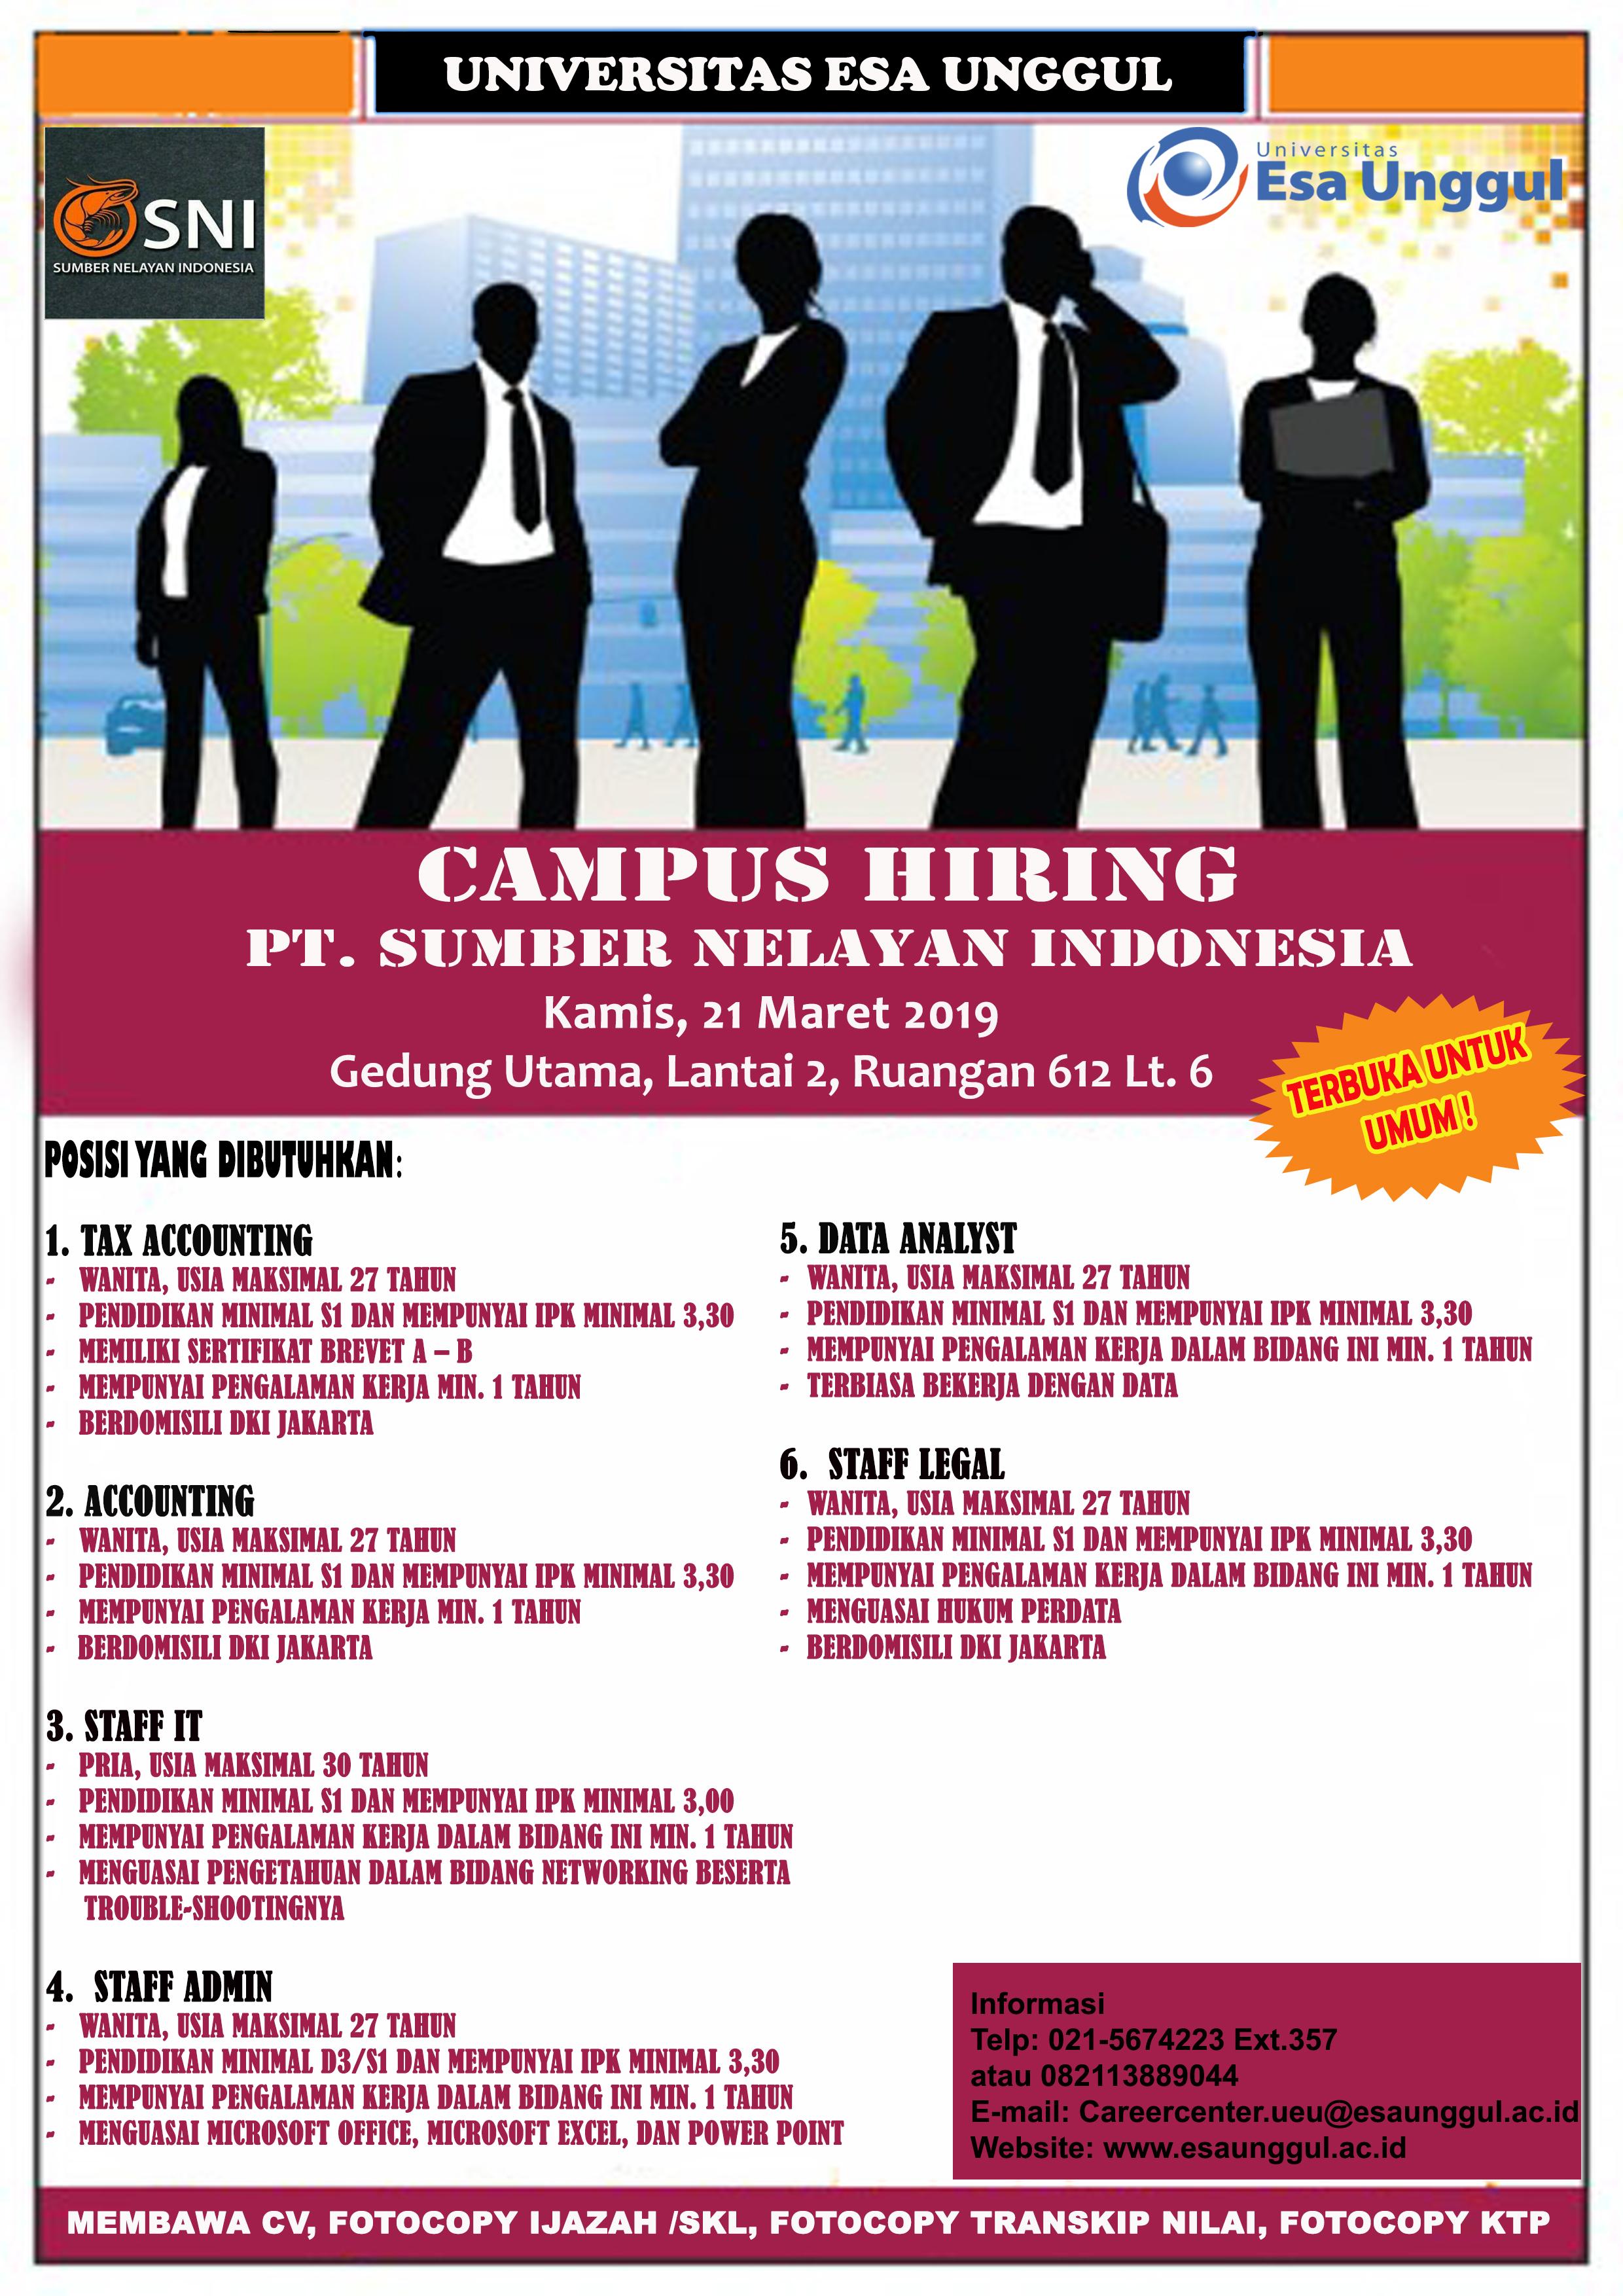 Campus Hiring PT. SUMBER NELAYAN INDONESIA